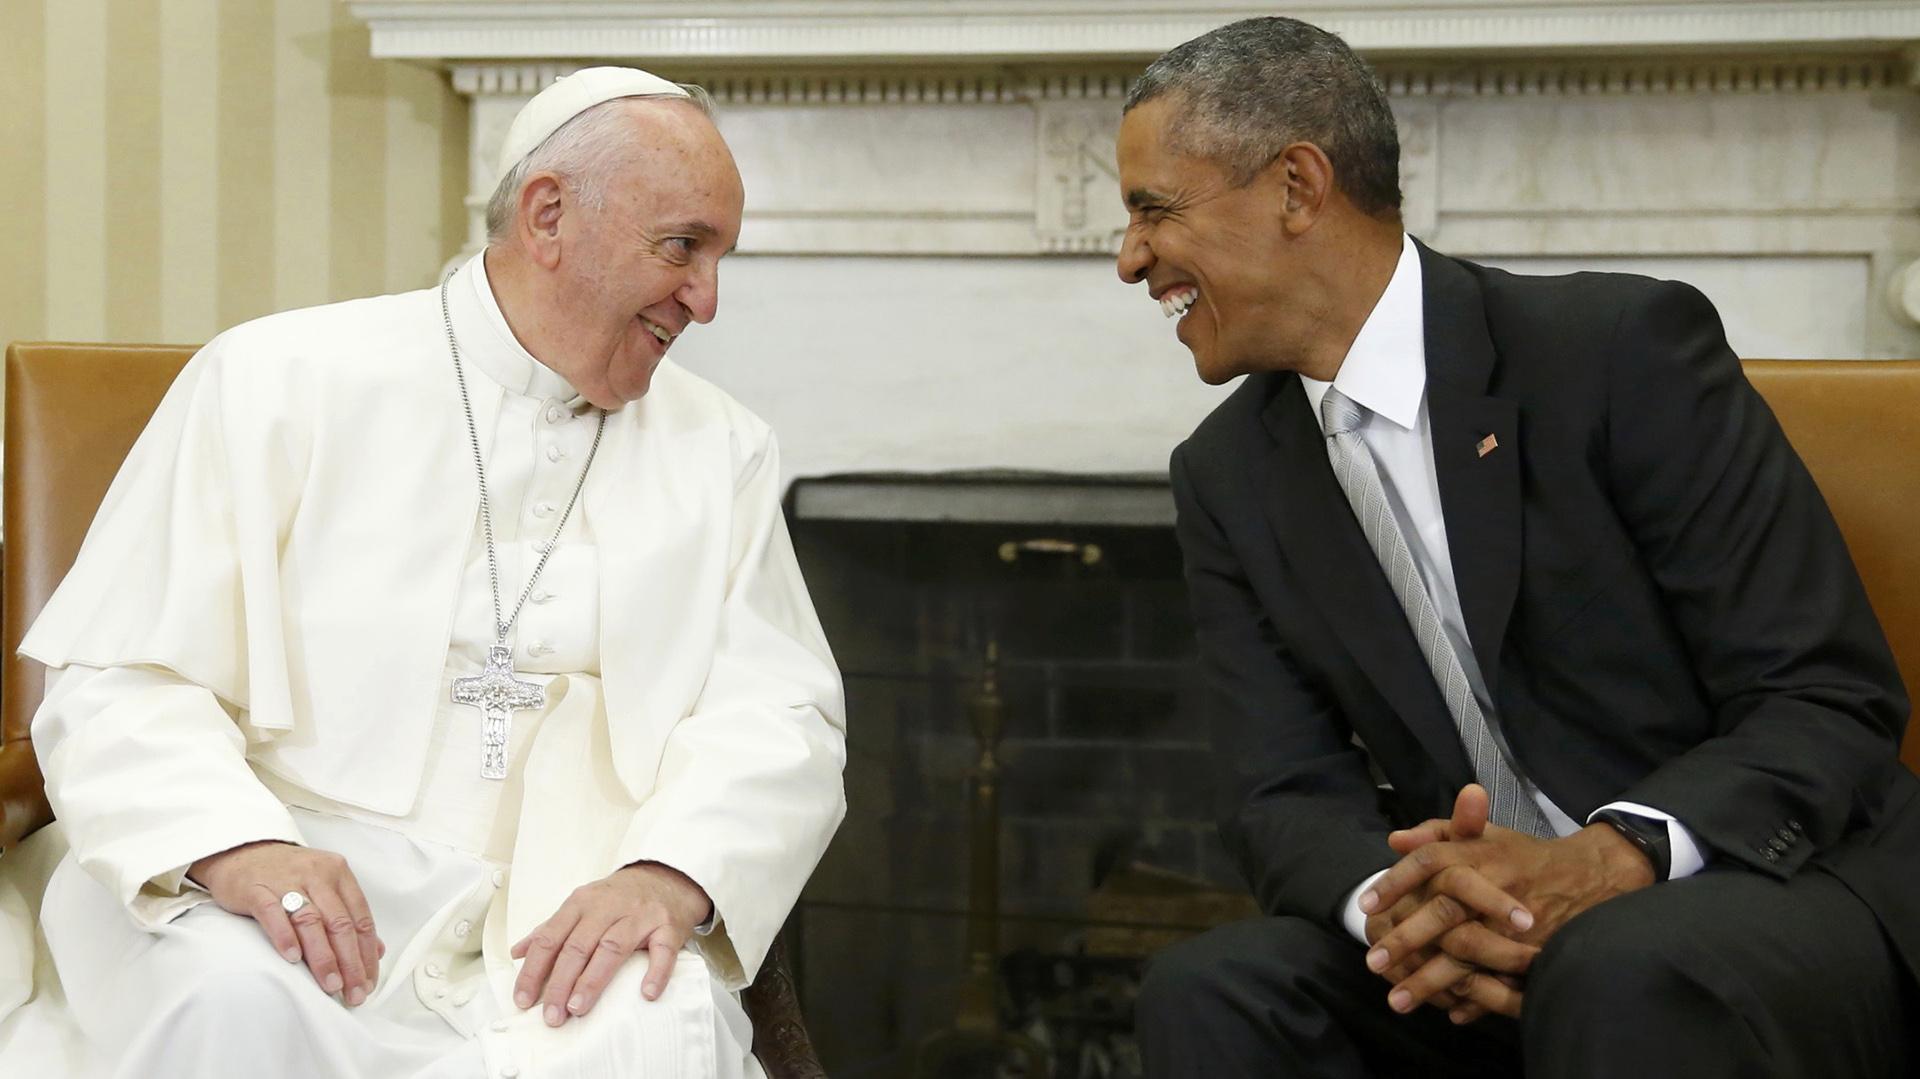 23 de septiembre de 2015: el presidente Barack Obama recibe al papa Francisco en el Salón Oval de la Casa Blanca, durante la primera visita del Santo Padre a los Estados Unidos